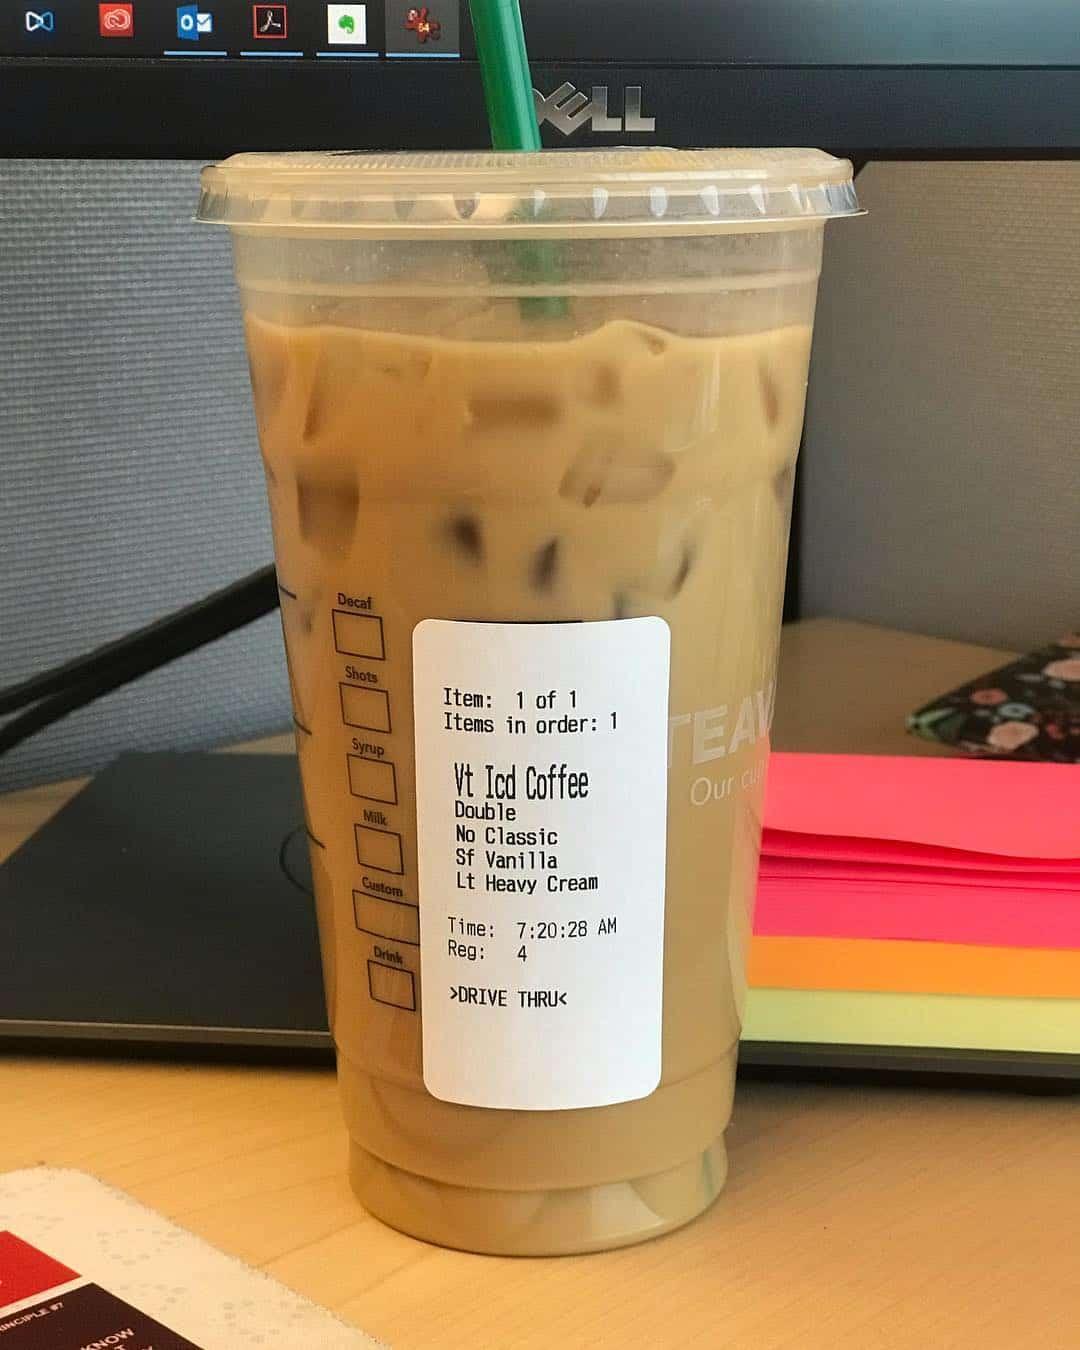 33 Low Carb Starbucks Drinks Keto Dieters Can Enjoy - Meraadi